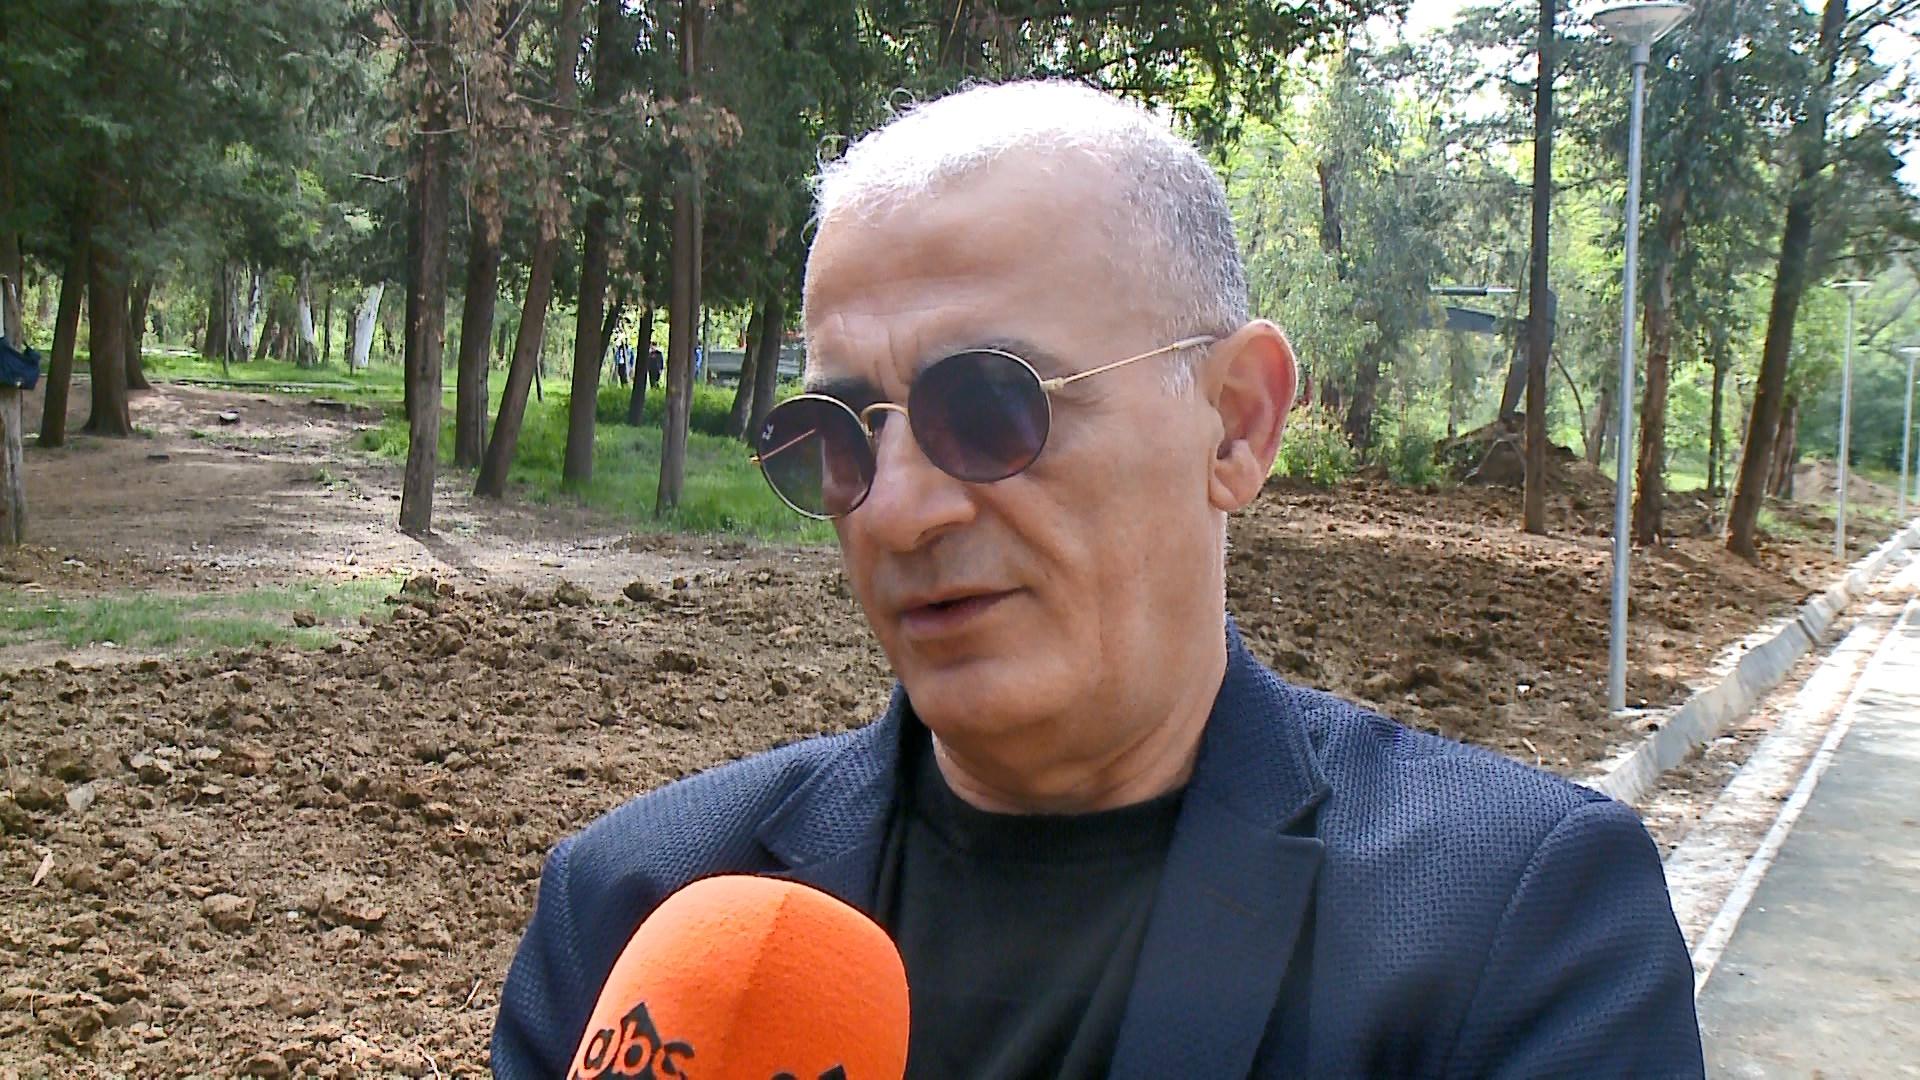 Atletika do të ketë një pistë kërcimesh tek Liqeni Artificial në Tiranë